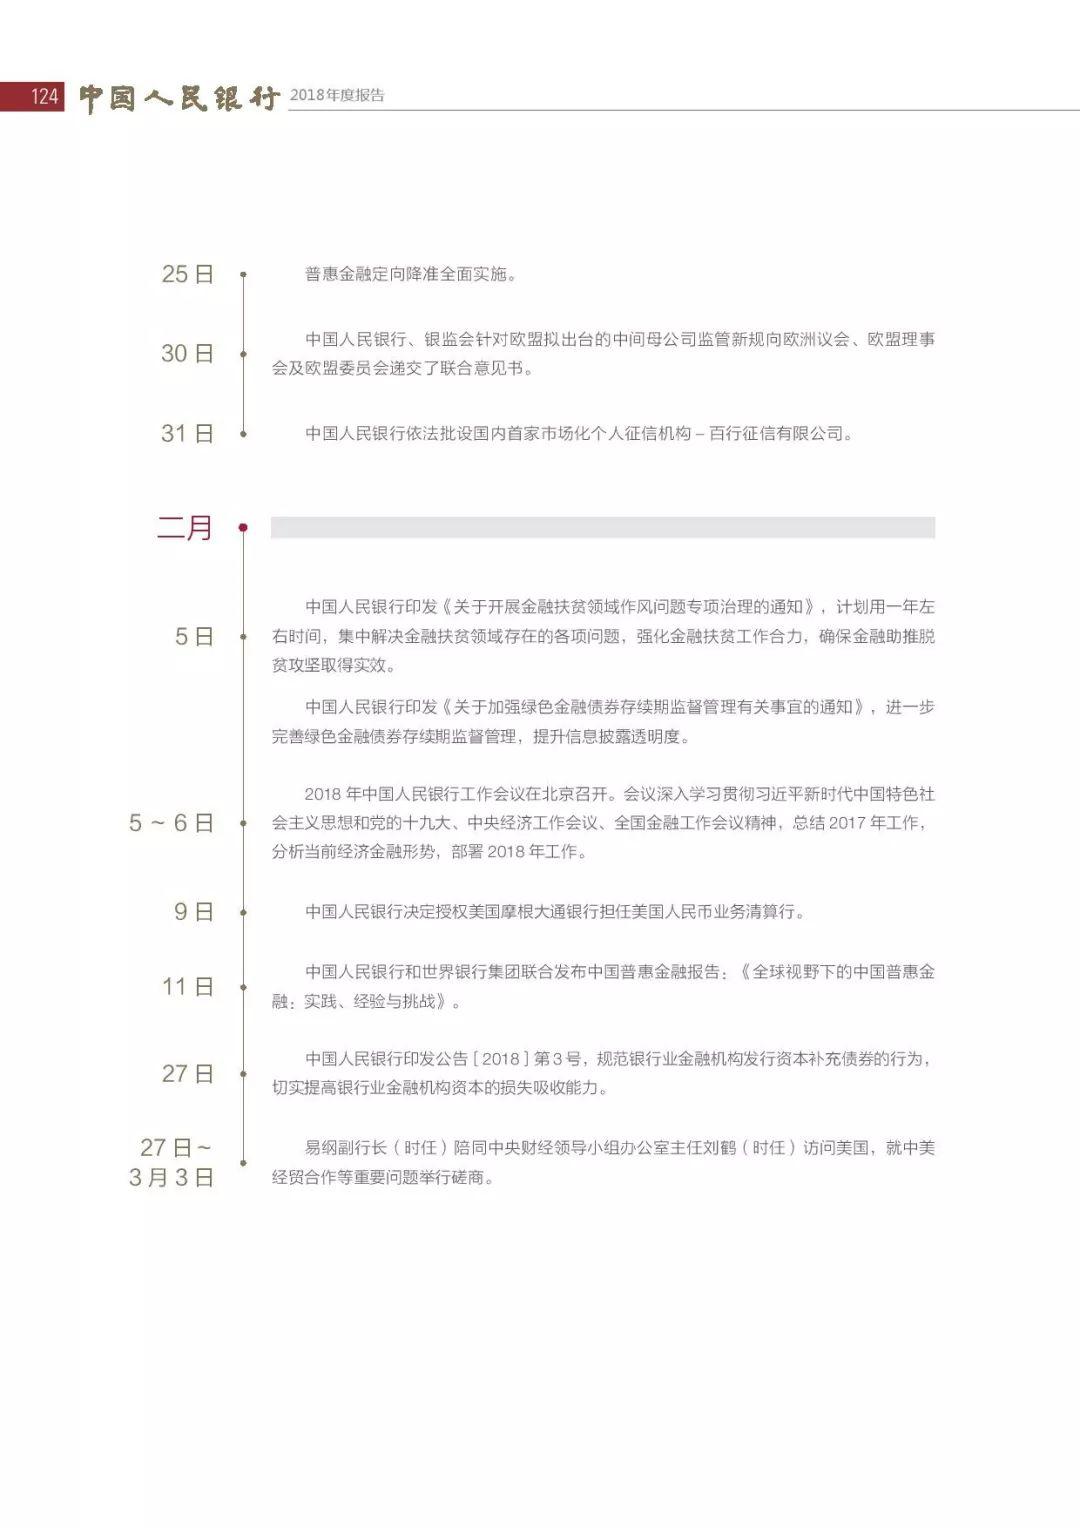 """央行发布2018年报:4次提及数字货币,称""""已取得阶段性进展""""(PDF全文)"""